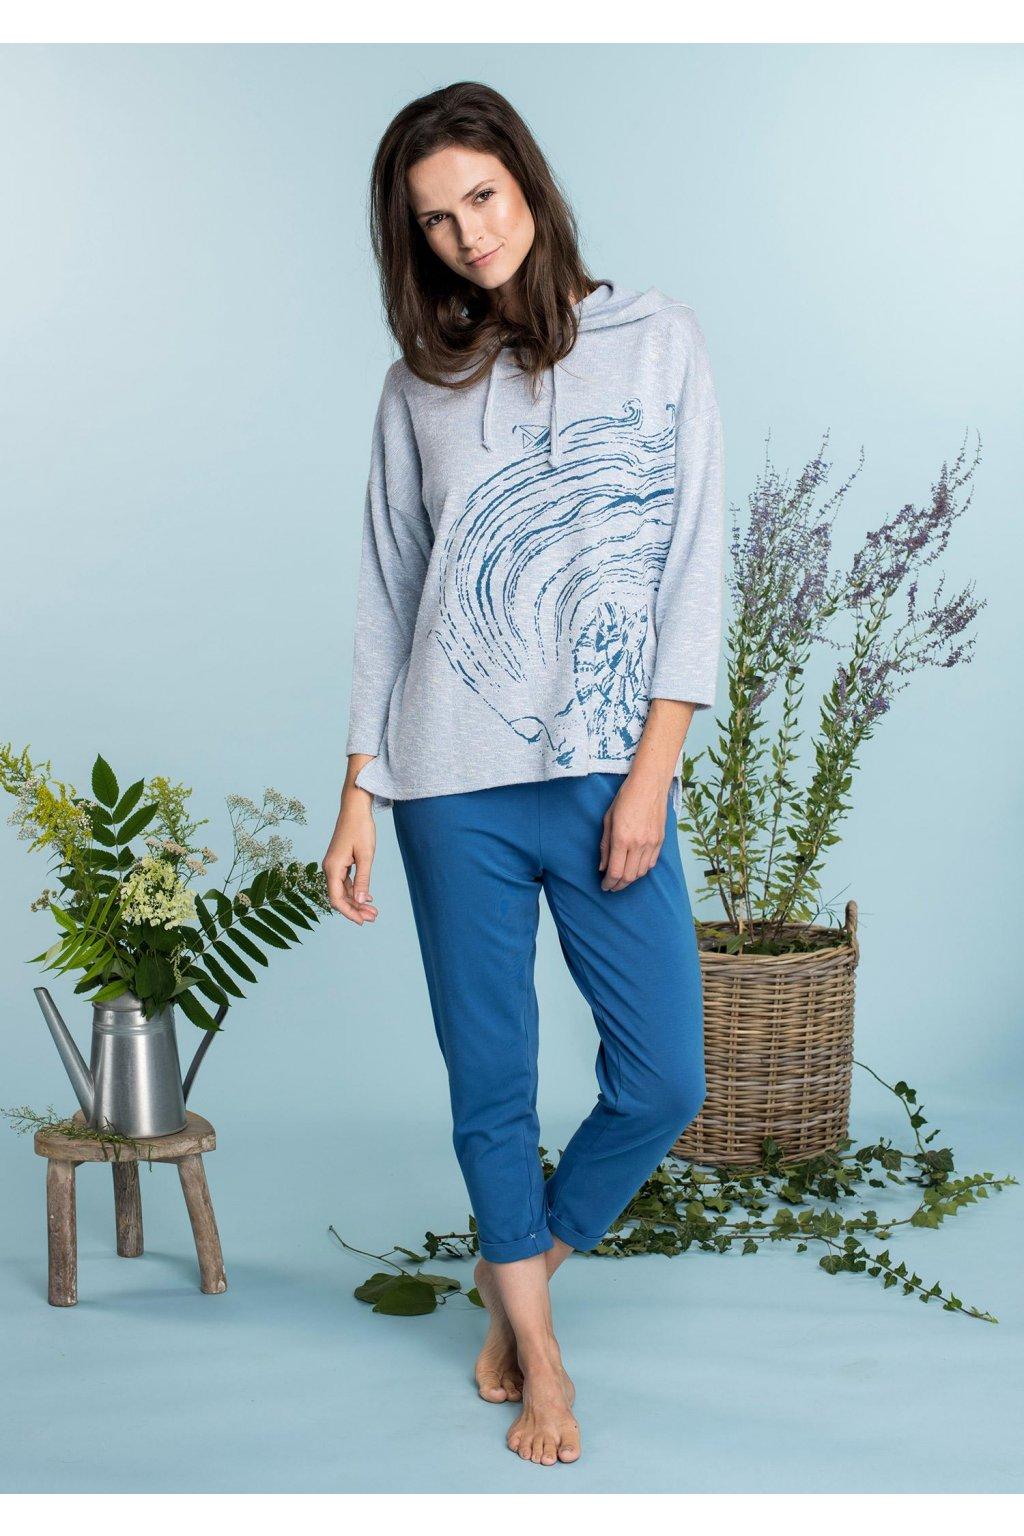 Dvoudílný dámský set na doma - homewear LHS 711 KEY